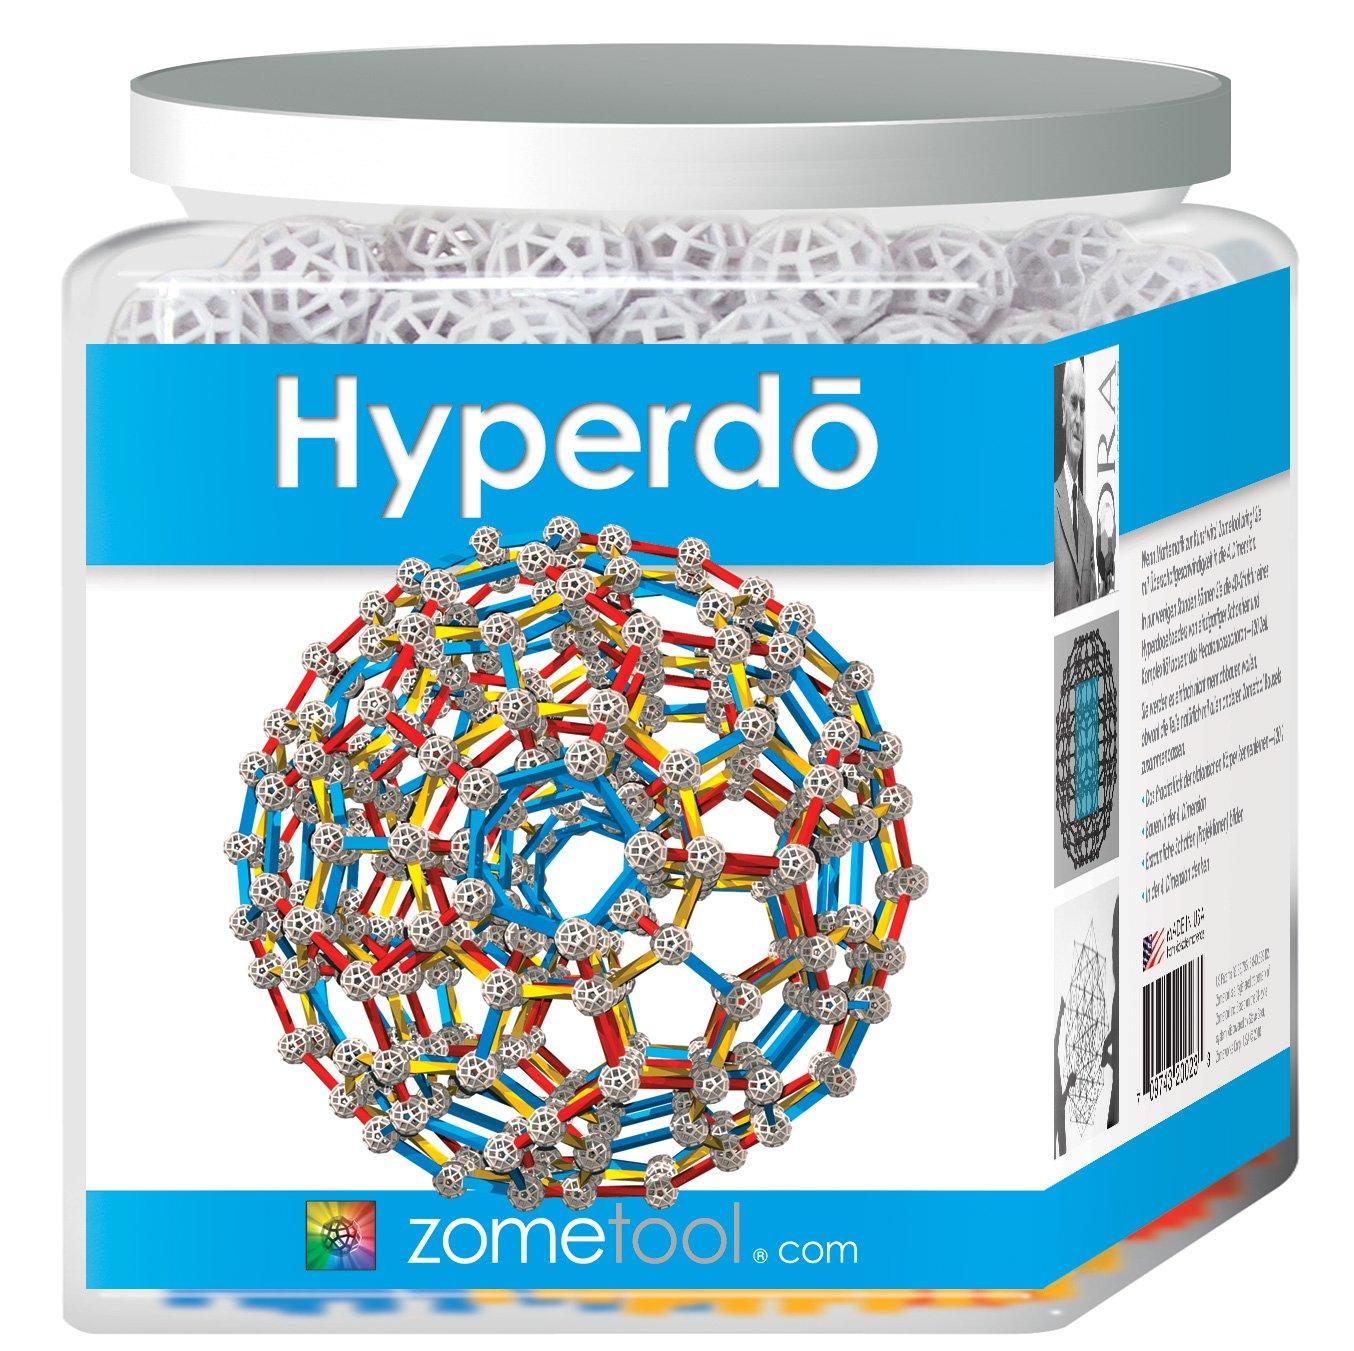 Zometool Hyperdo Science Kit